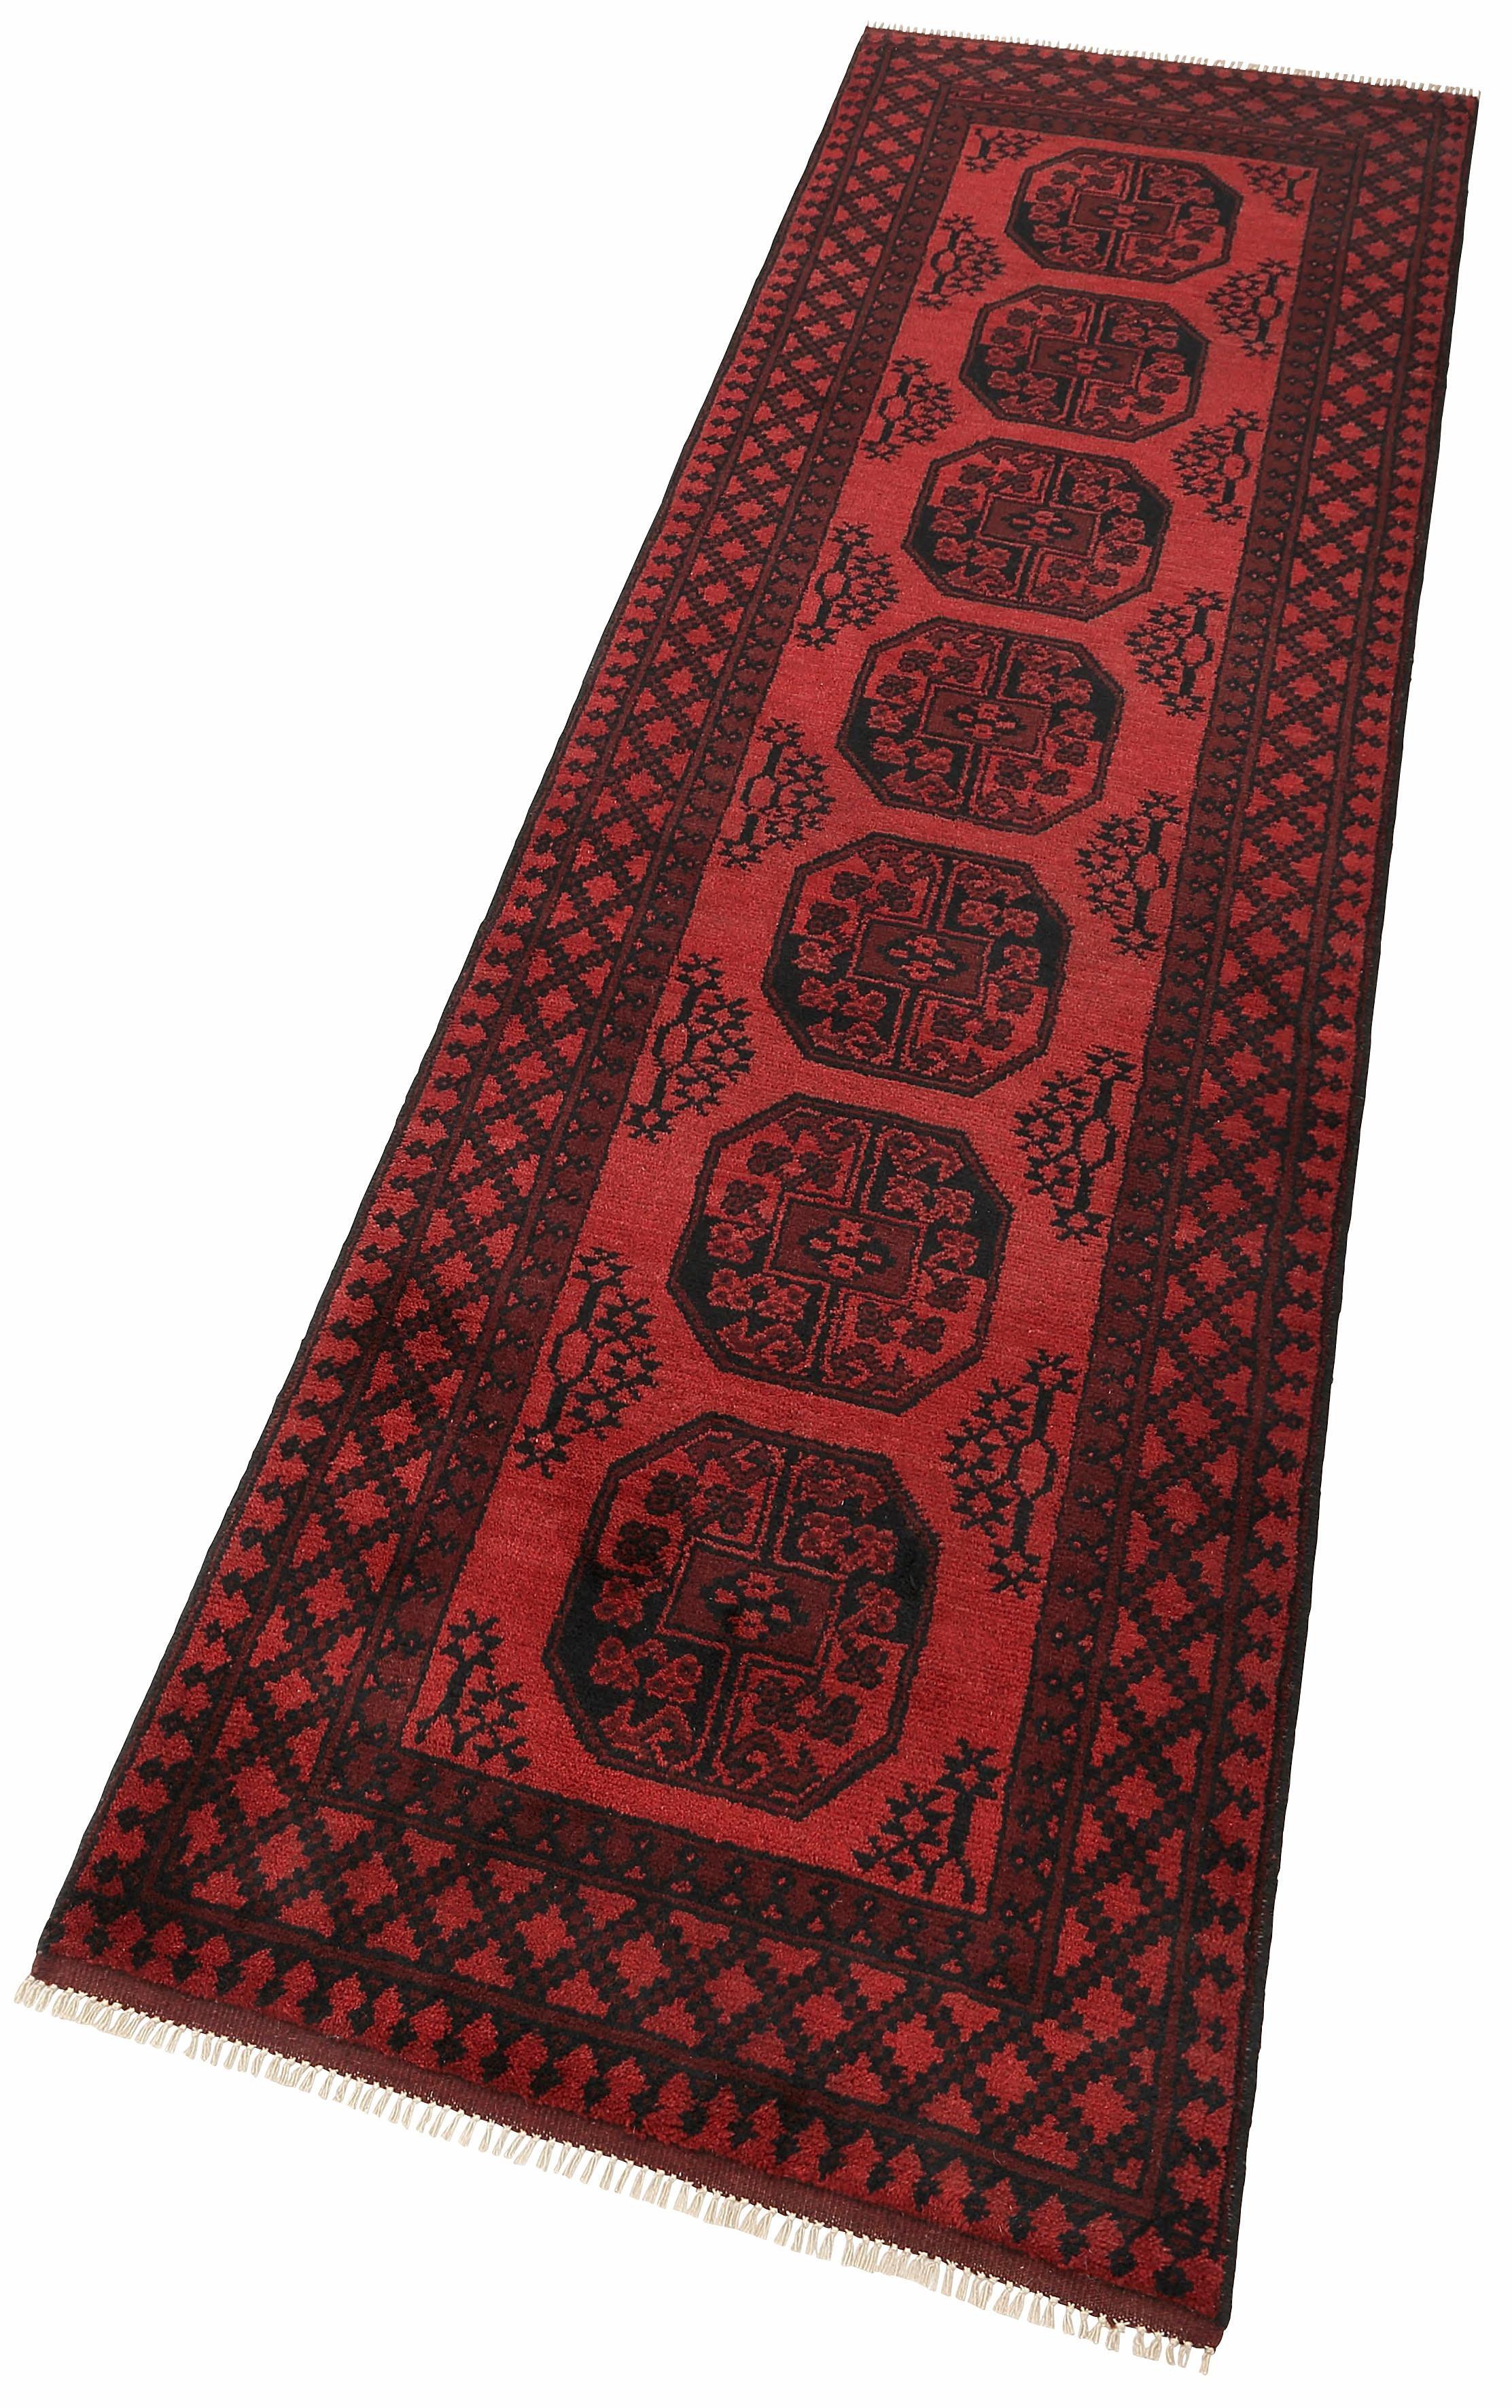 Läufer, Parwis, »Afghan Aktsche«, 90 000 Knoten/m², handgeknüpft, reine Schurwolle, Unikat